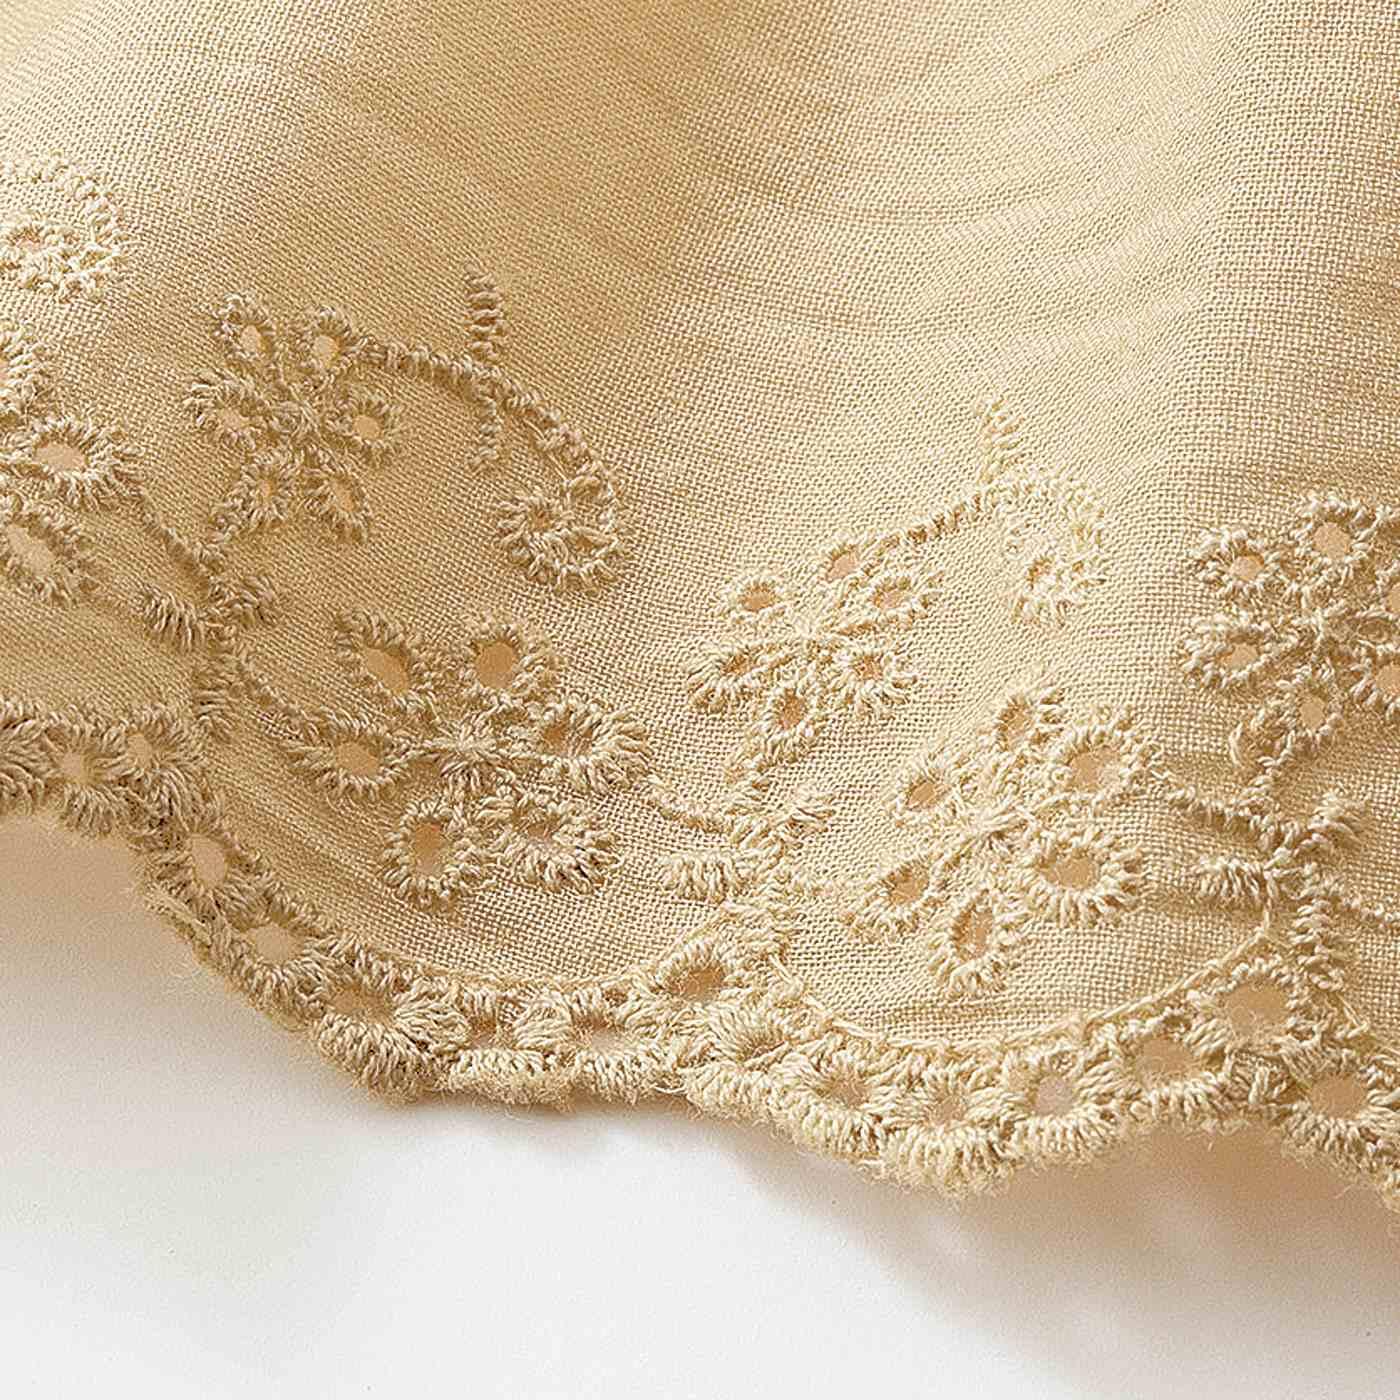 スカート部分はさらりと快適な綿100%の布はく素材。